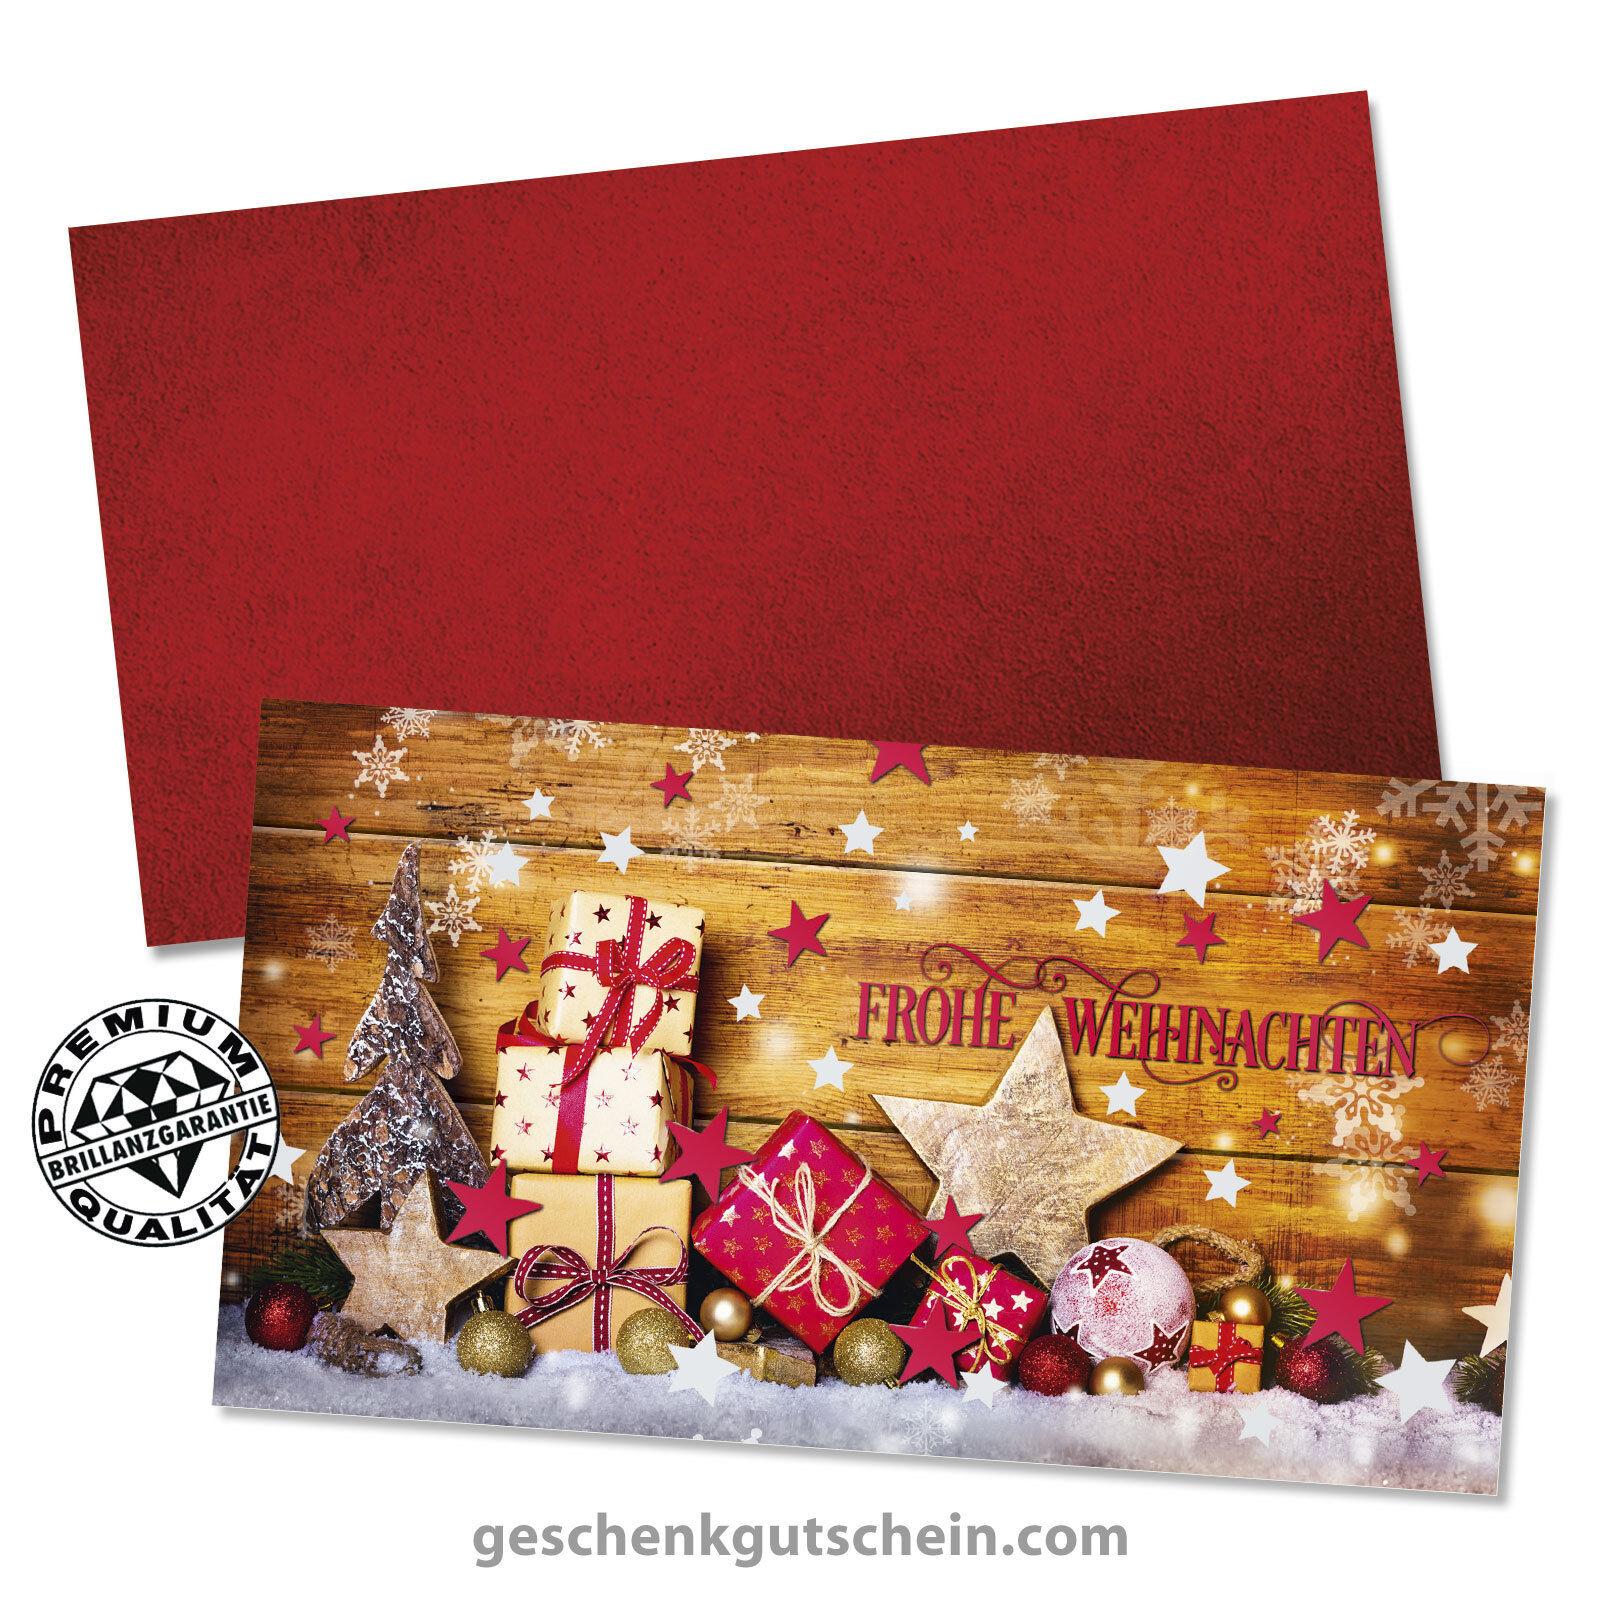 Weihnachts-Geschenkgutscheine mit KuGrüns für alle Branchen X1296  | Roman  | Reichhaltiges Design